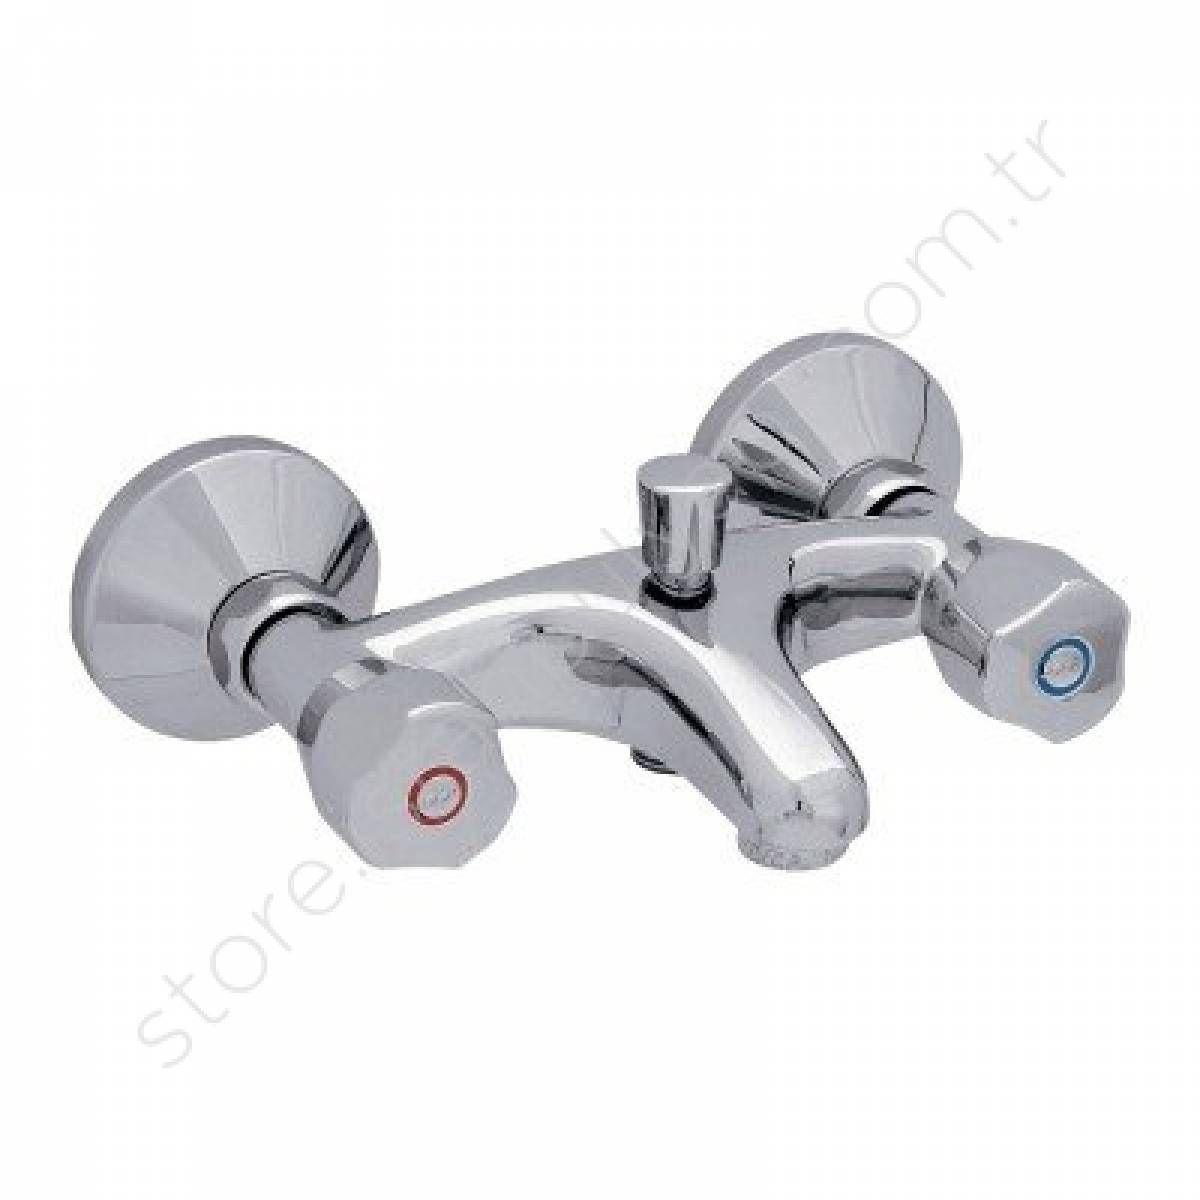 İdeal Banyo Bataryalari Eca | Banyo, Duşlar, Banyo duşları